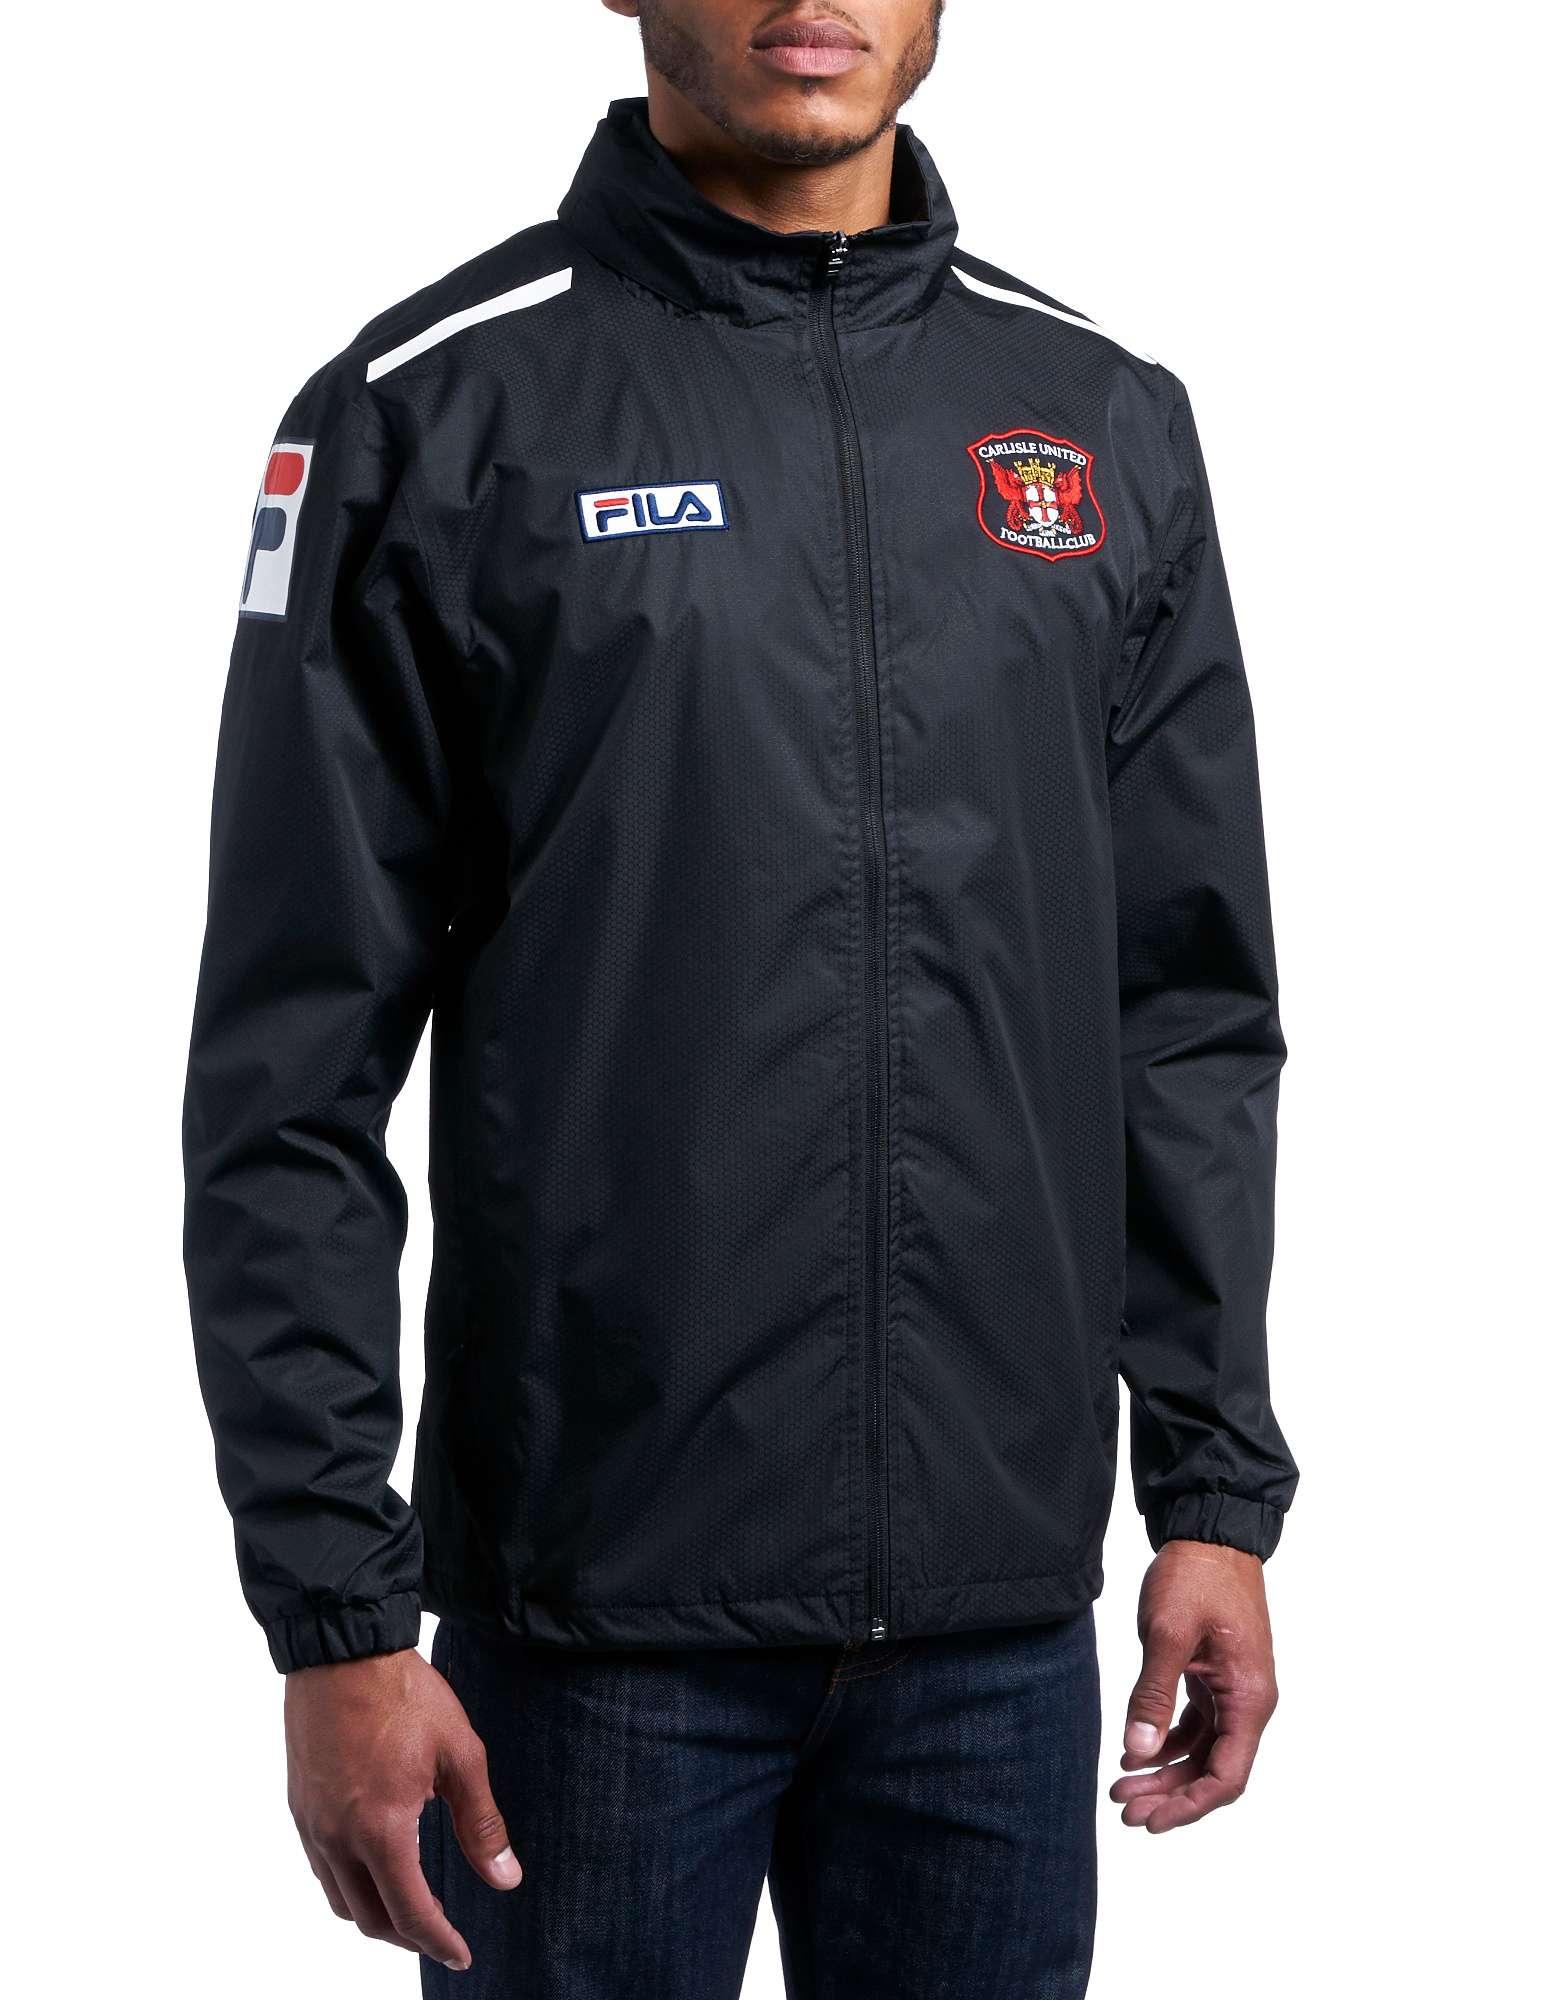 Fila Carlisle United 2013/14 Shower Jacket